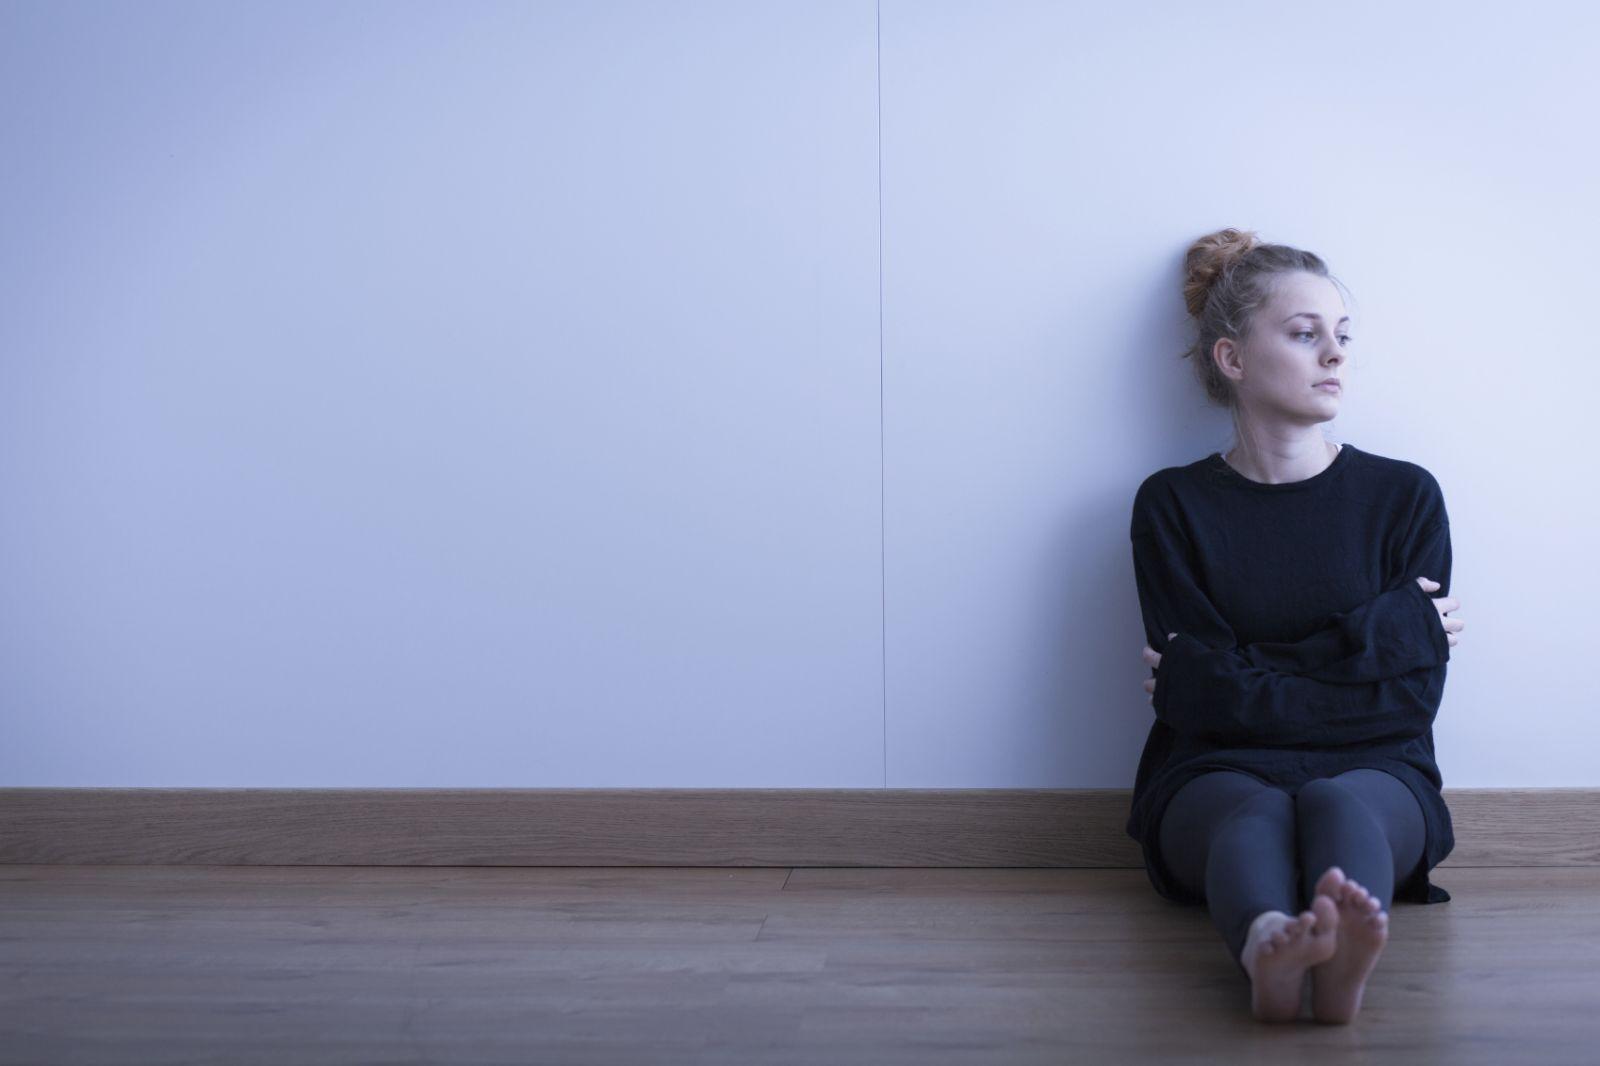 depression dysmythmia